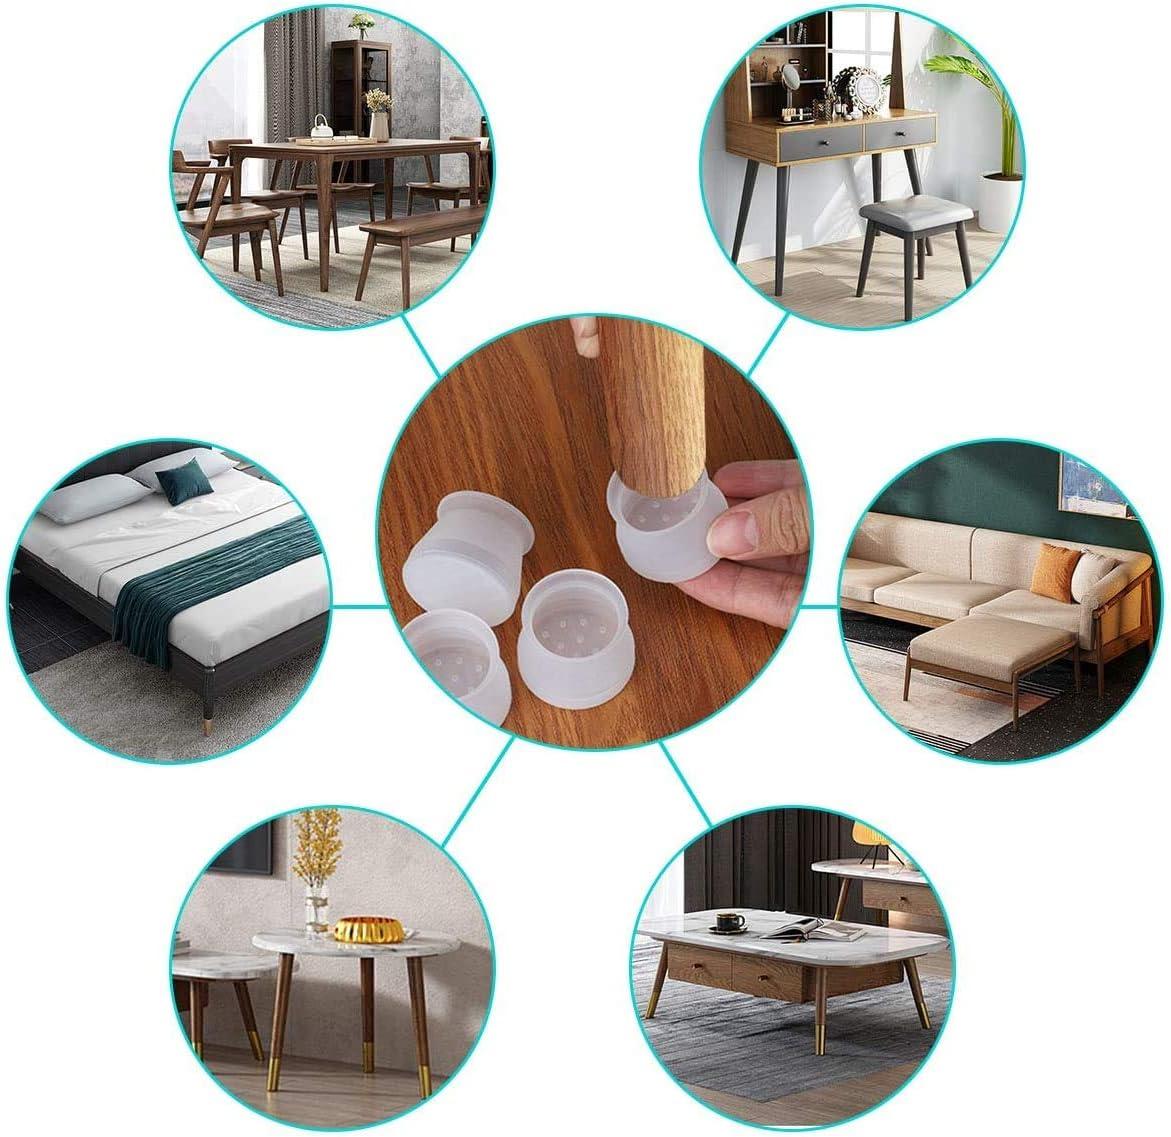 Cubierta de protecci/ón de Silicona para Muebles para Patas de Silla 36 Piezas de Tapas de Patas de Silla de Silicona para pies de Mesa de Muebles Redondos Transparencia